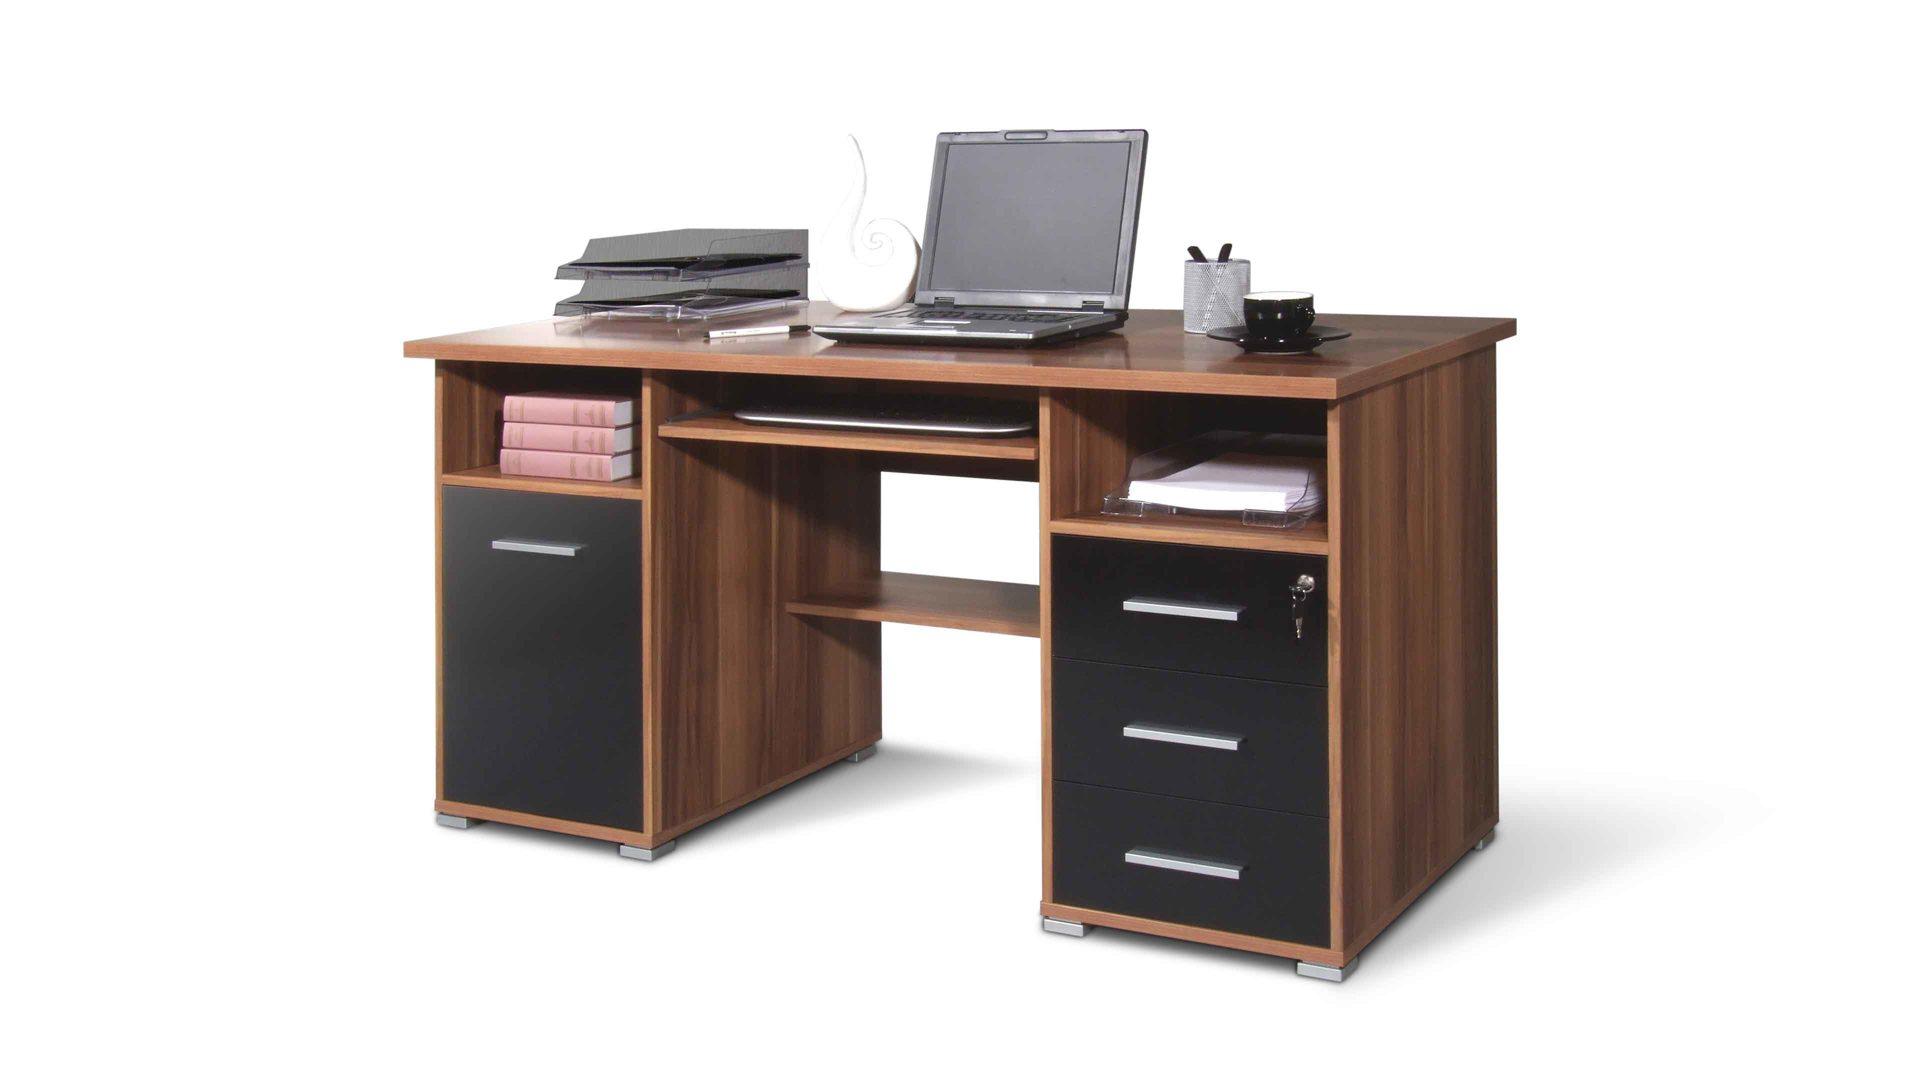 Schreibtisch Germania Aus Holz In Holzfarben Schreibtisch Bzw. Computertisch  Für Moderne Büros Walnussfarbene U0026 Schwarze